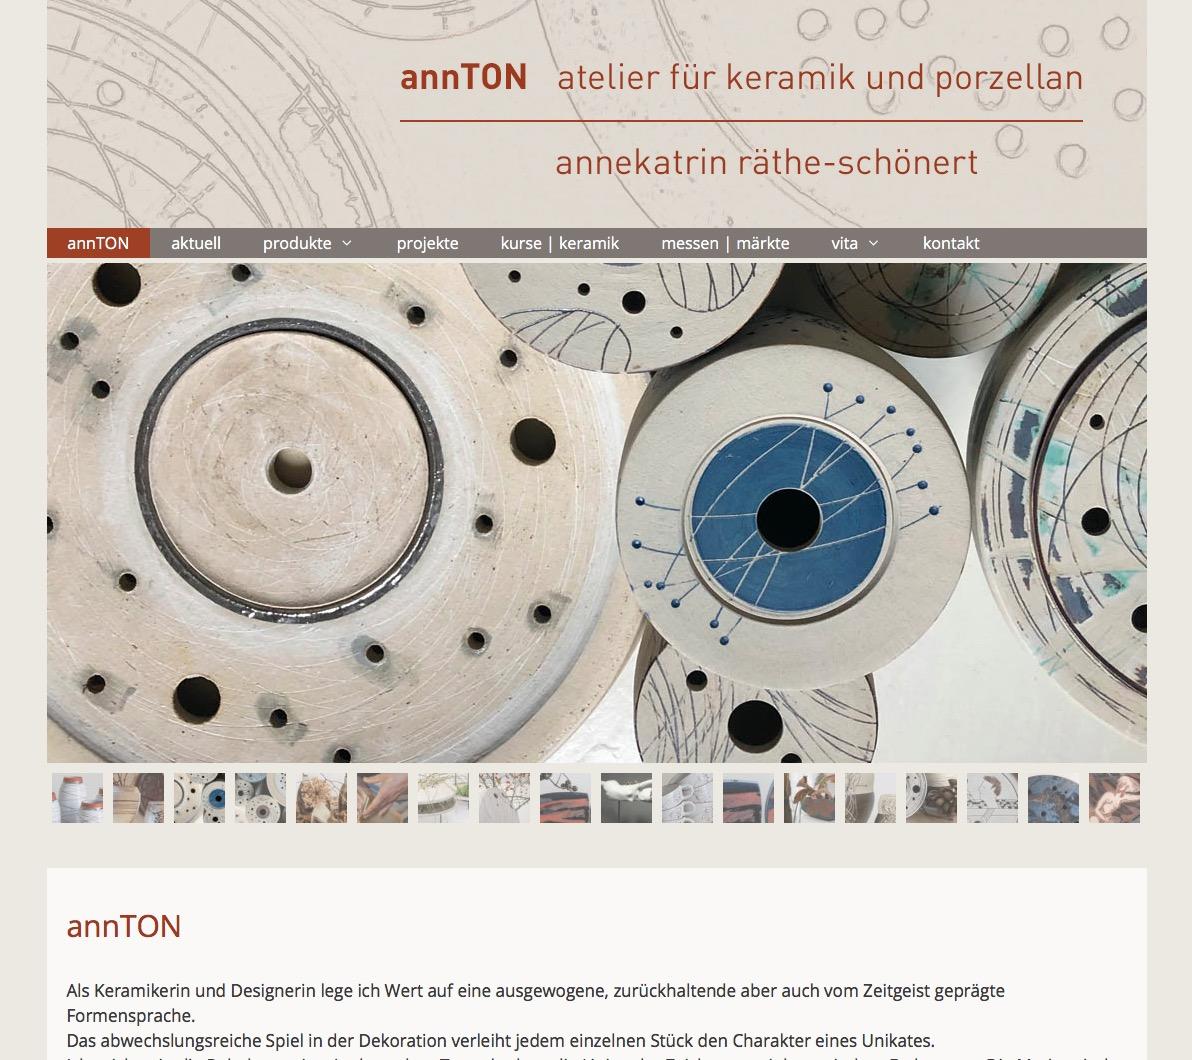 annTON - atelier für keramik und porzelan